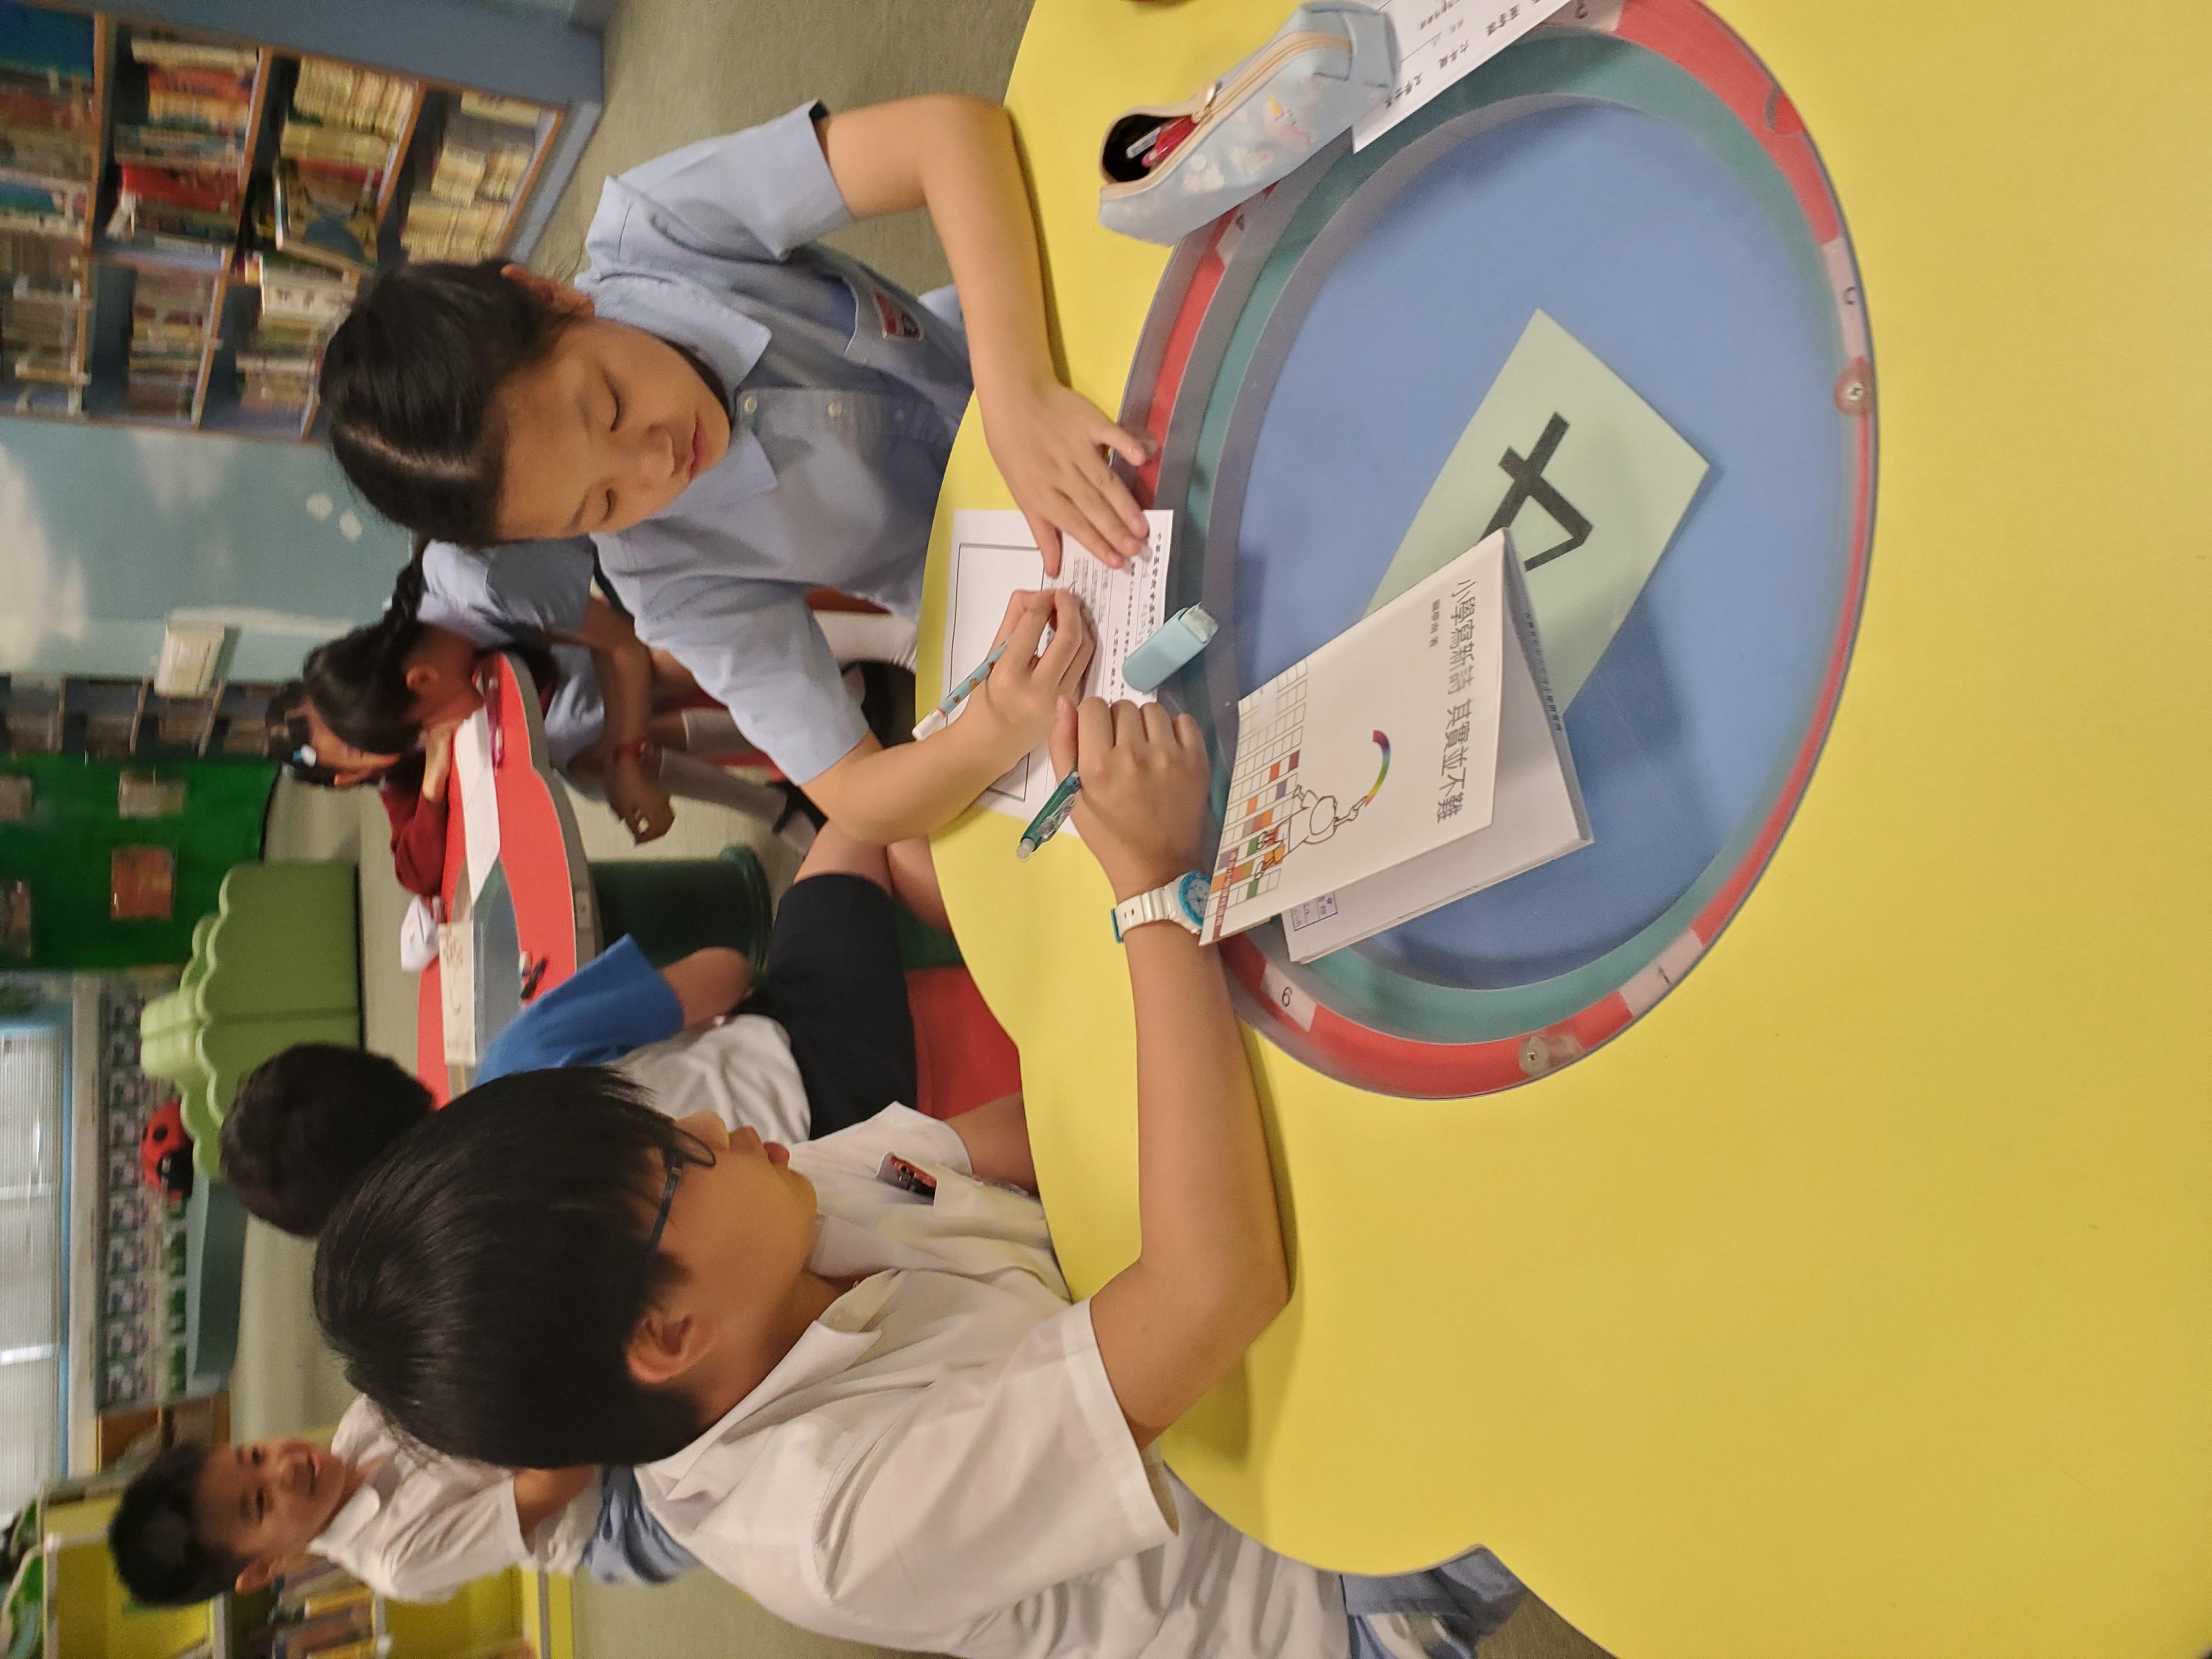 http://www.keiwan.edu.hk/sites/default/files/20191106_144047.jpg